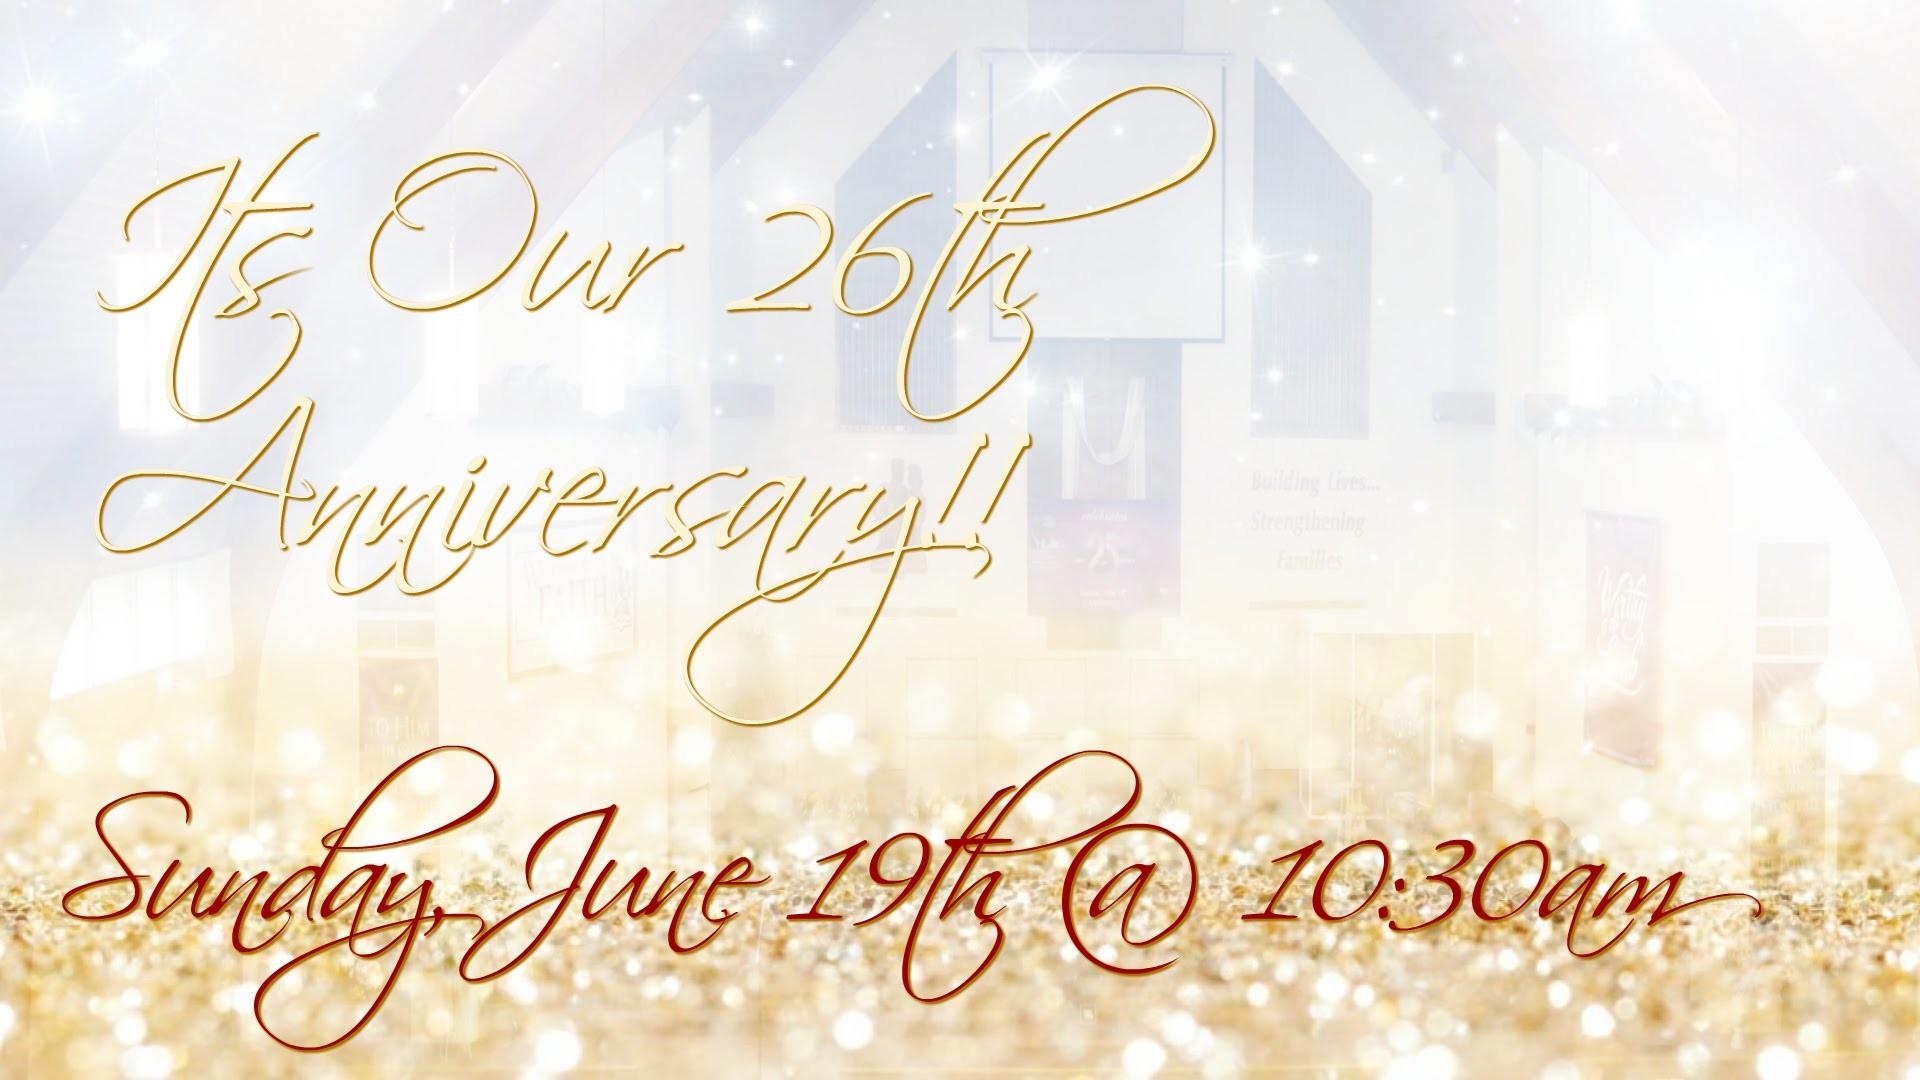 Waukegan Community Church 26th Anniversary